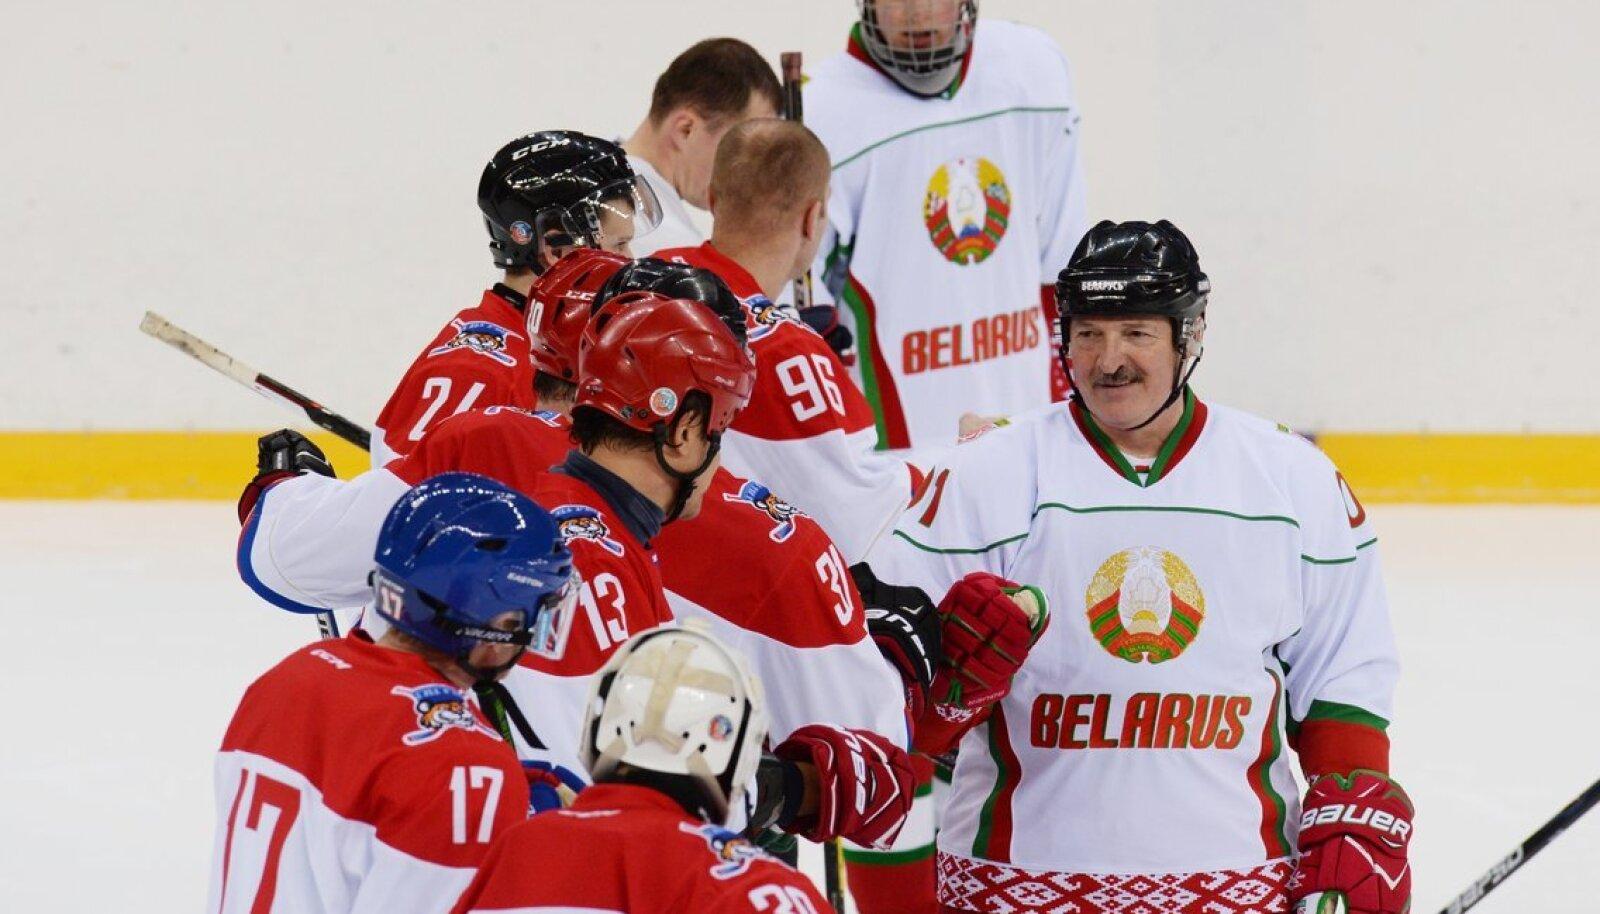 Александр Лукашенко (справа) - большой любитель хоккея